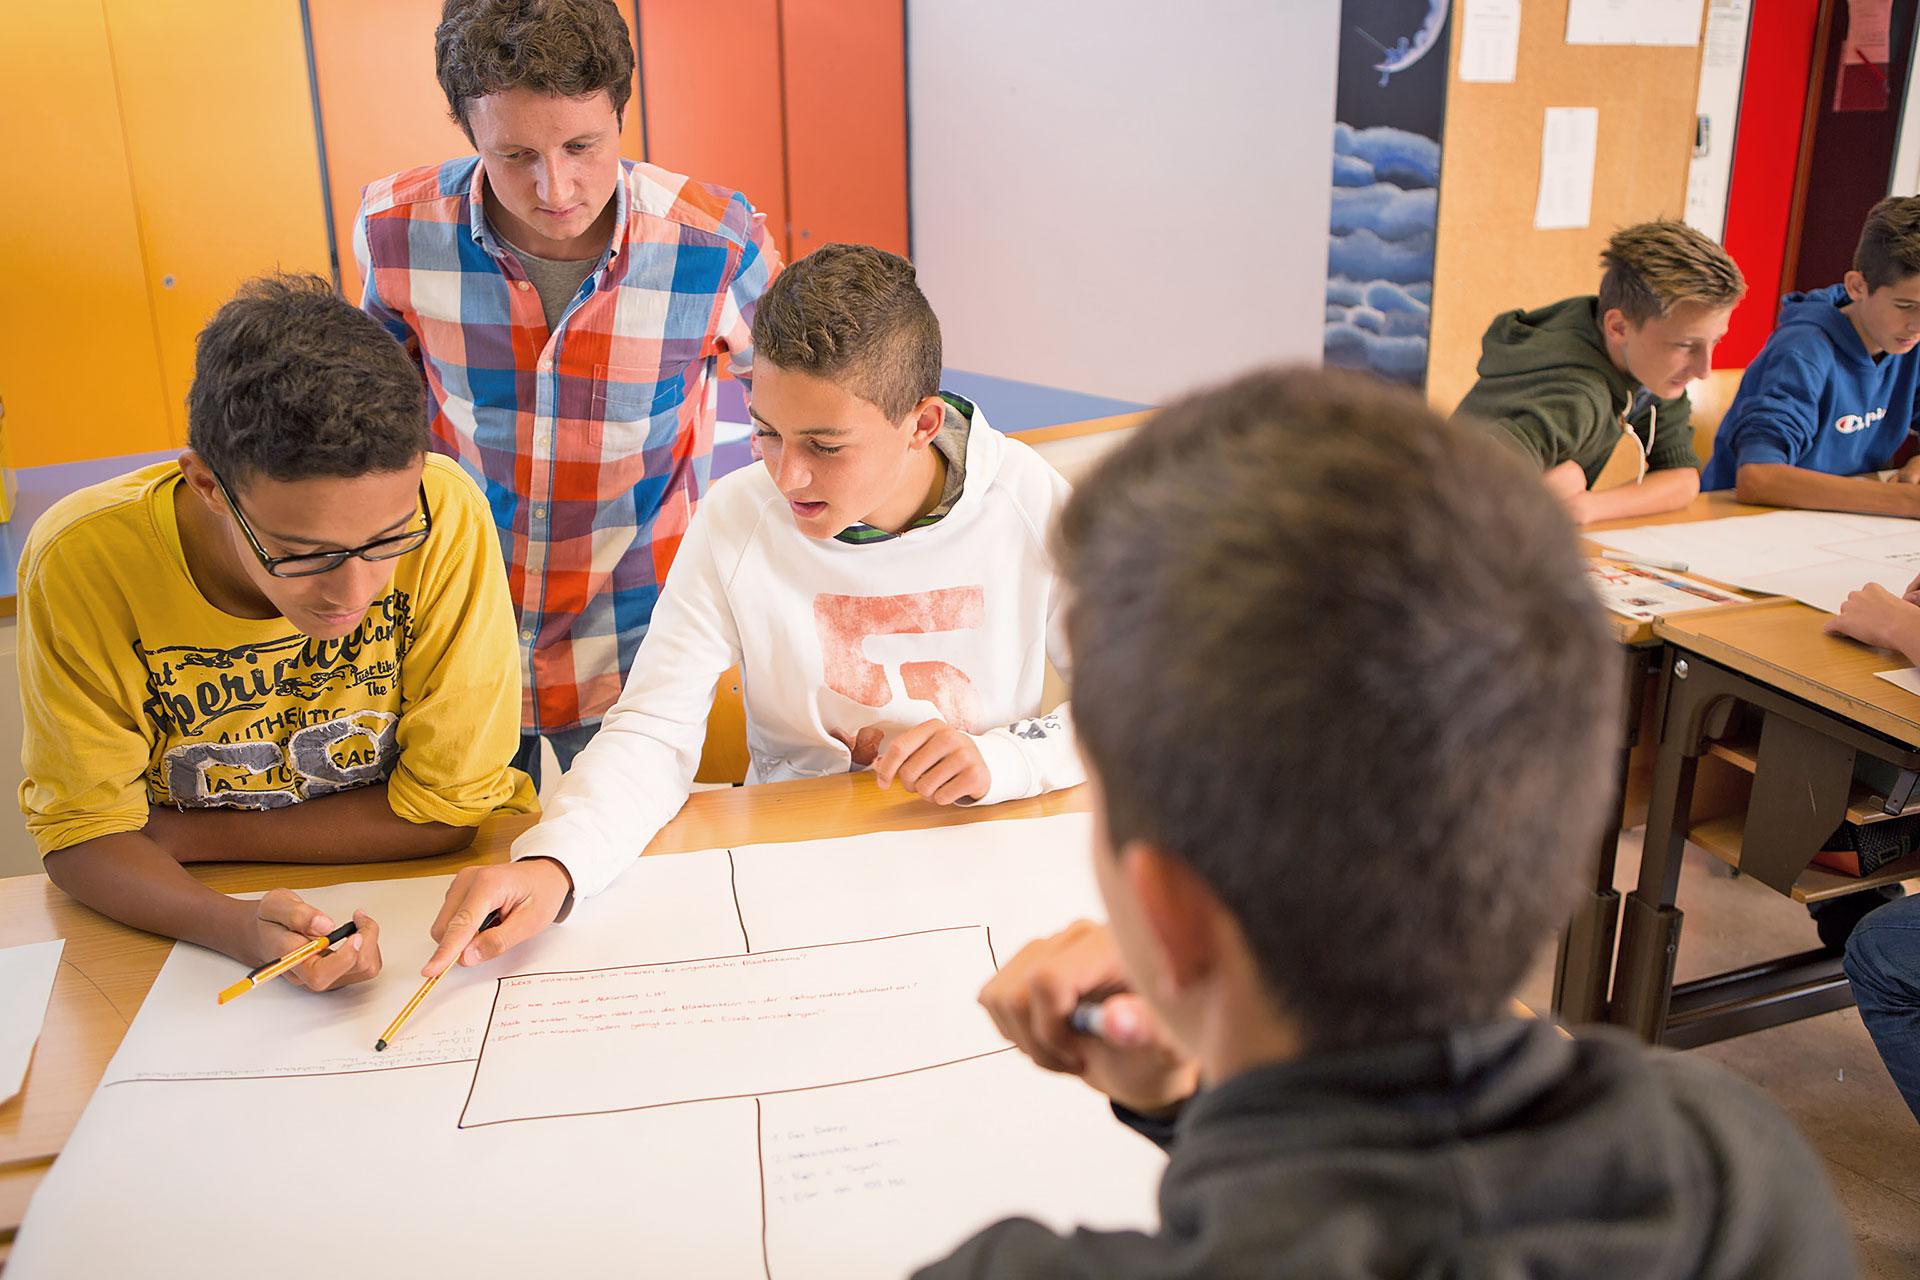 drei Schüler arbeiten an einem Placemat, Lehrer schaut dabei über die Schulter